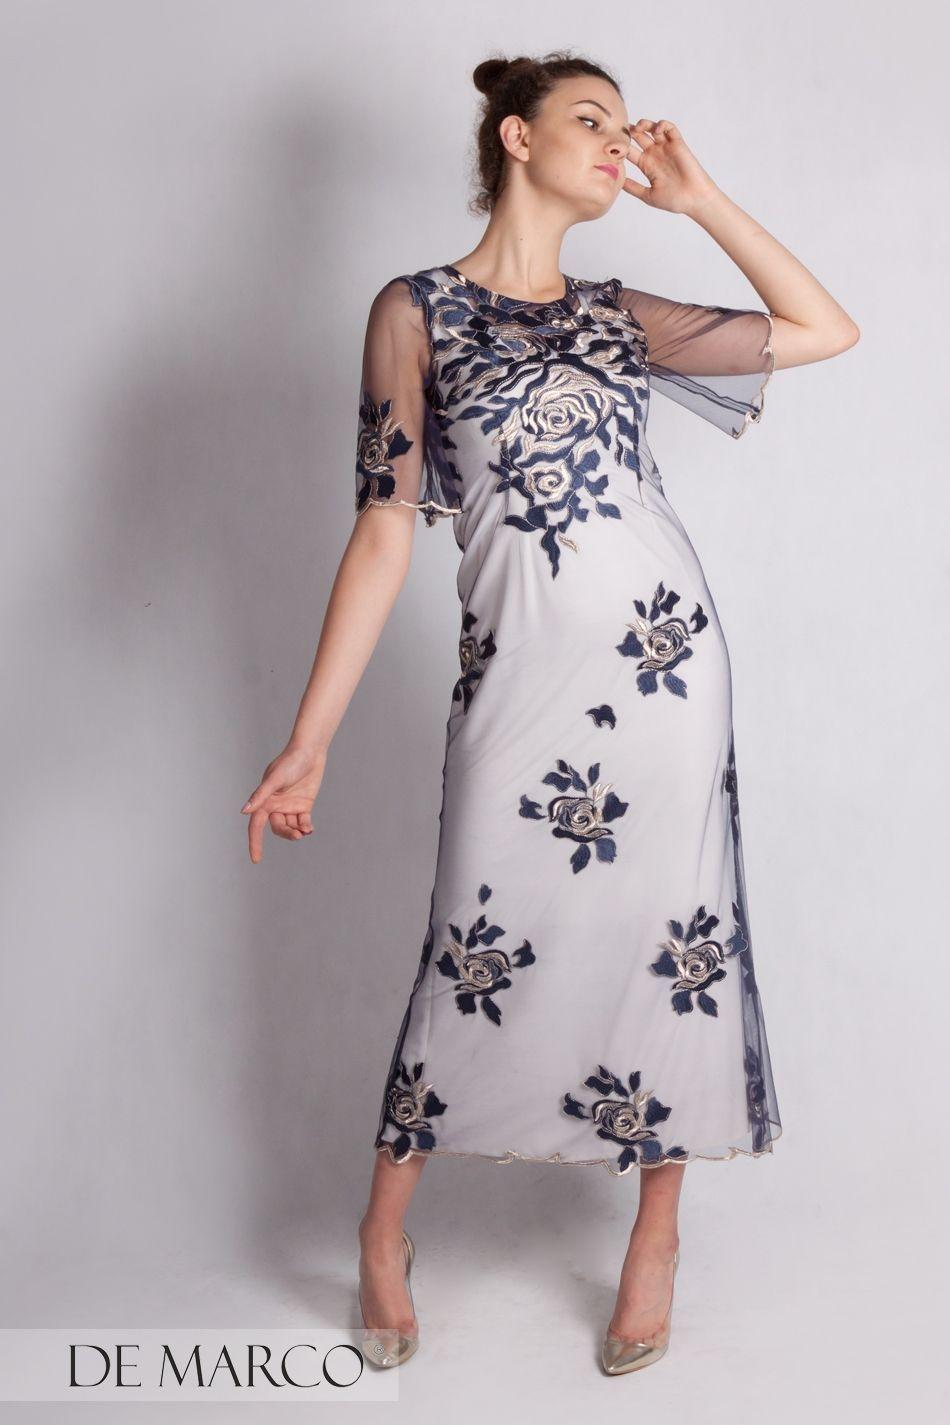 41bce76dfa Długa sukienka na bal dedykowana mamie wesela D szyta na miarę w De Marco  D